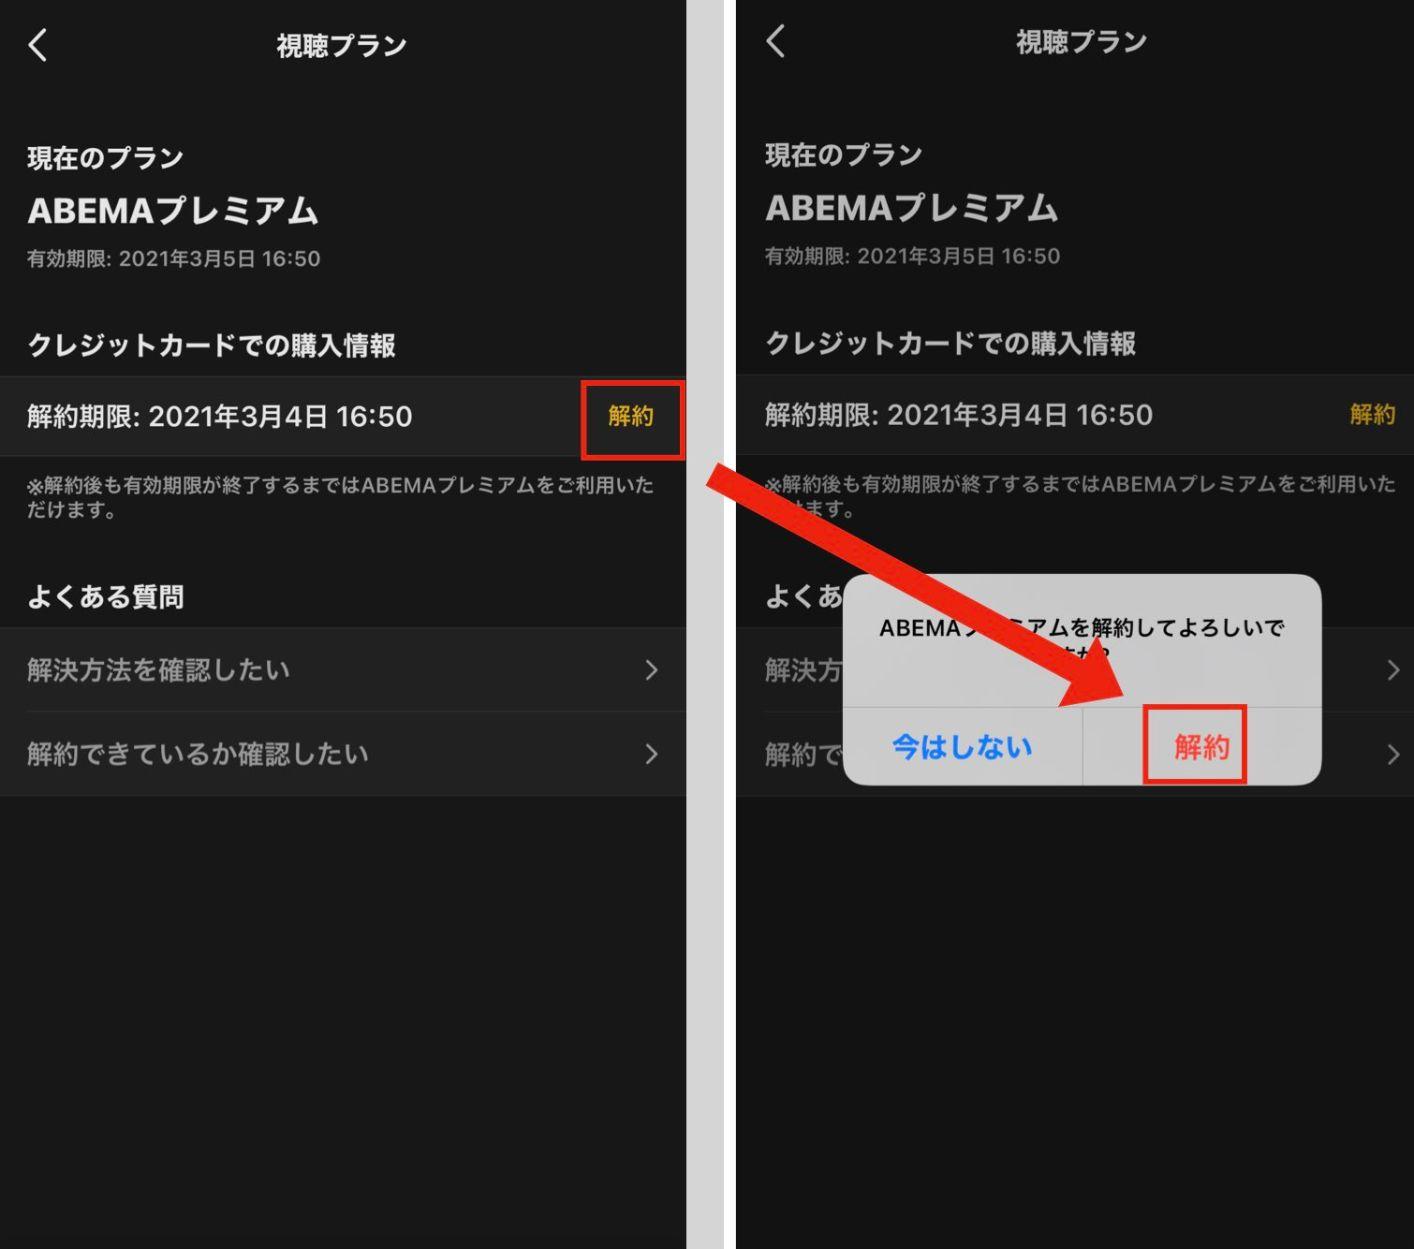 【公式サイトからABEMAプレミアムを解約する手順4】解約を選択